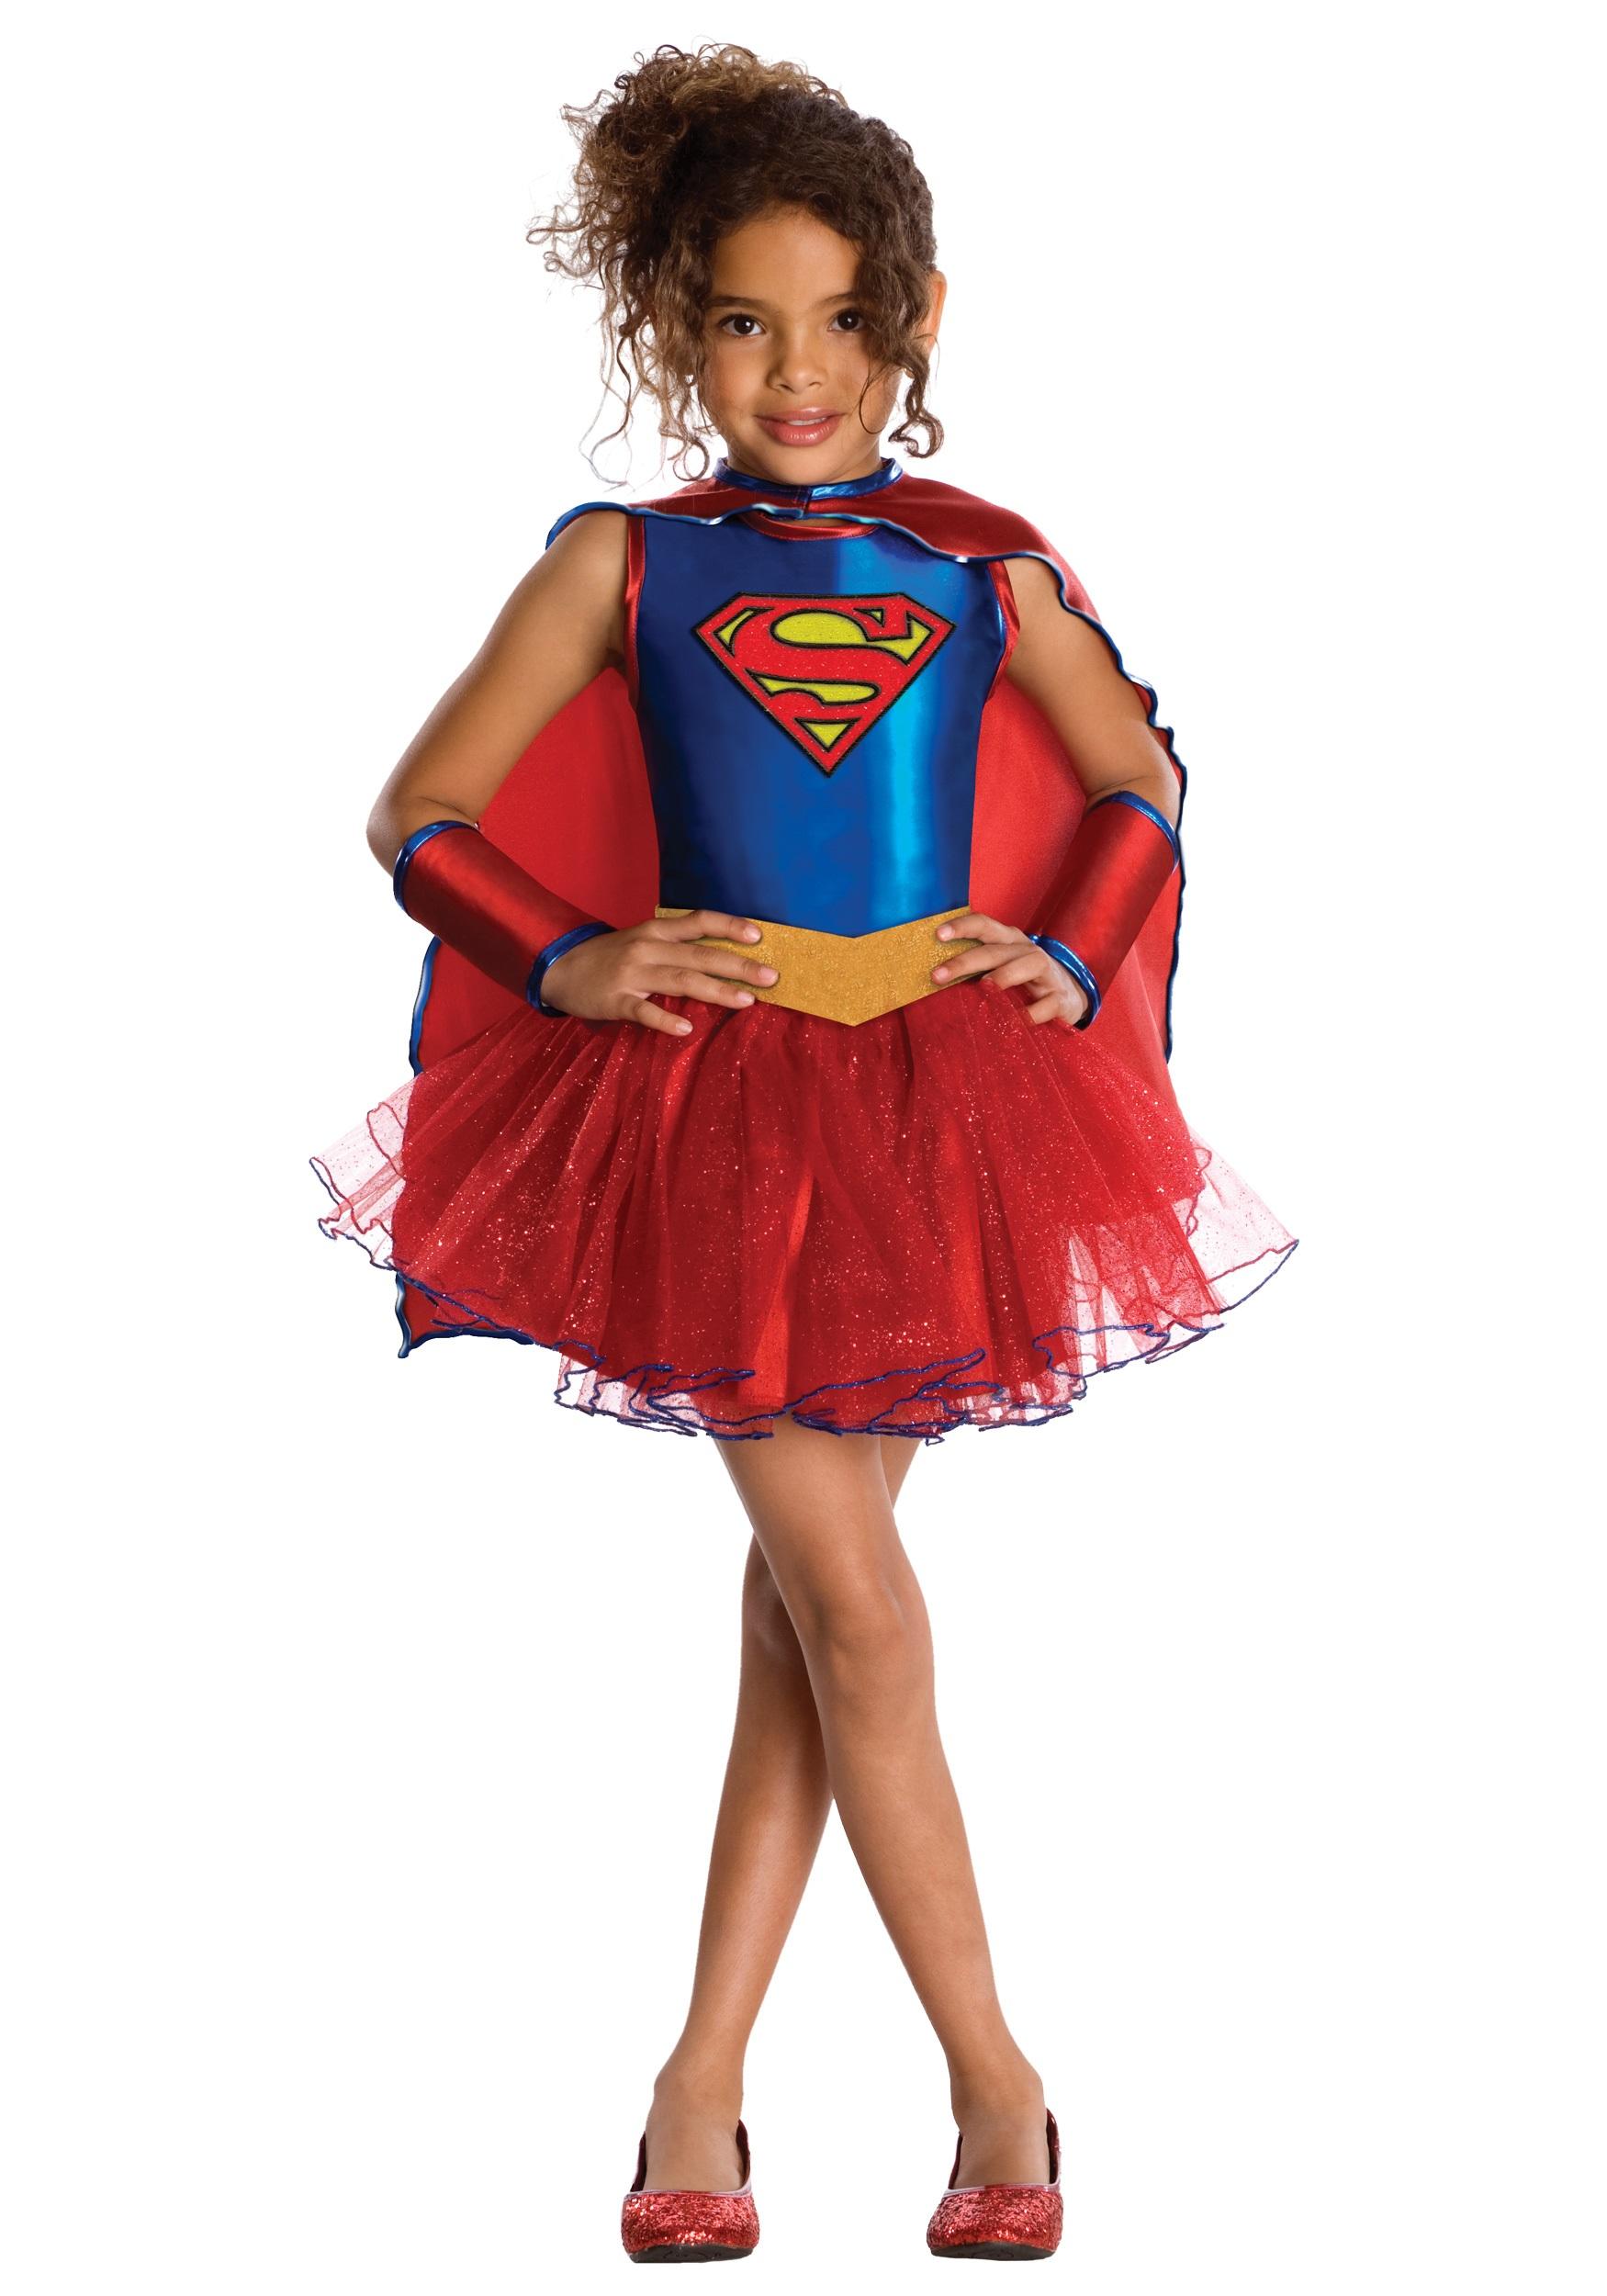 Supergirl Tutu Costume for Toddlers